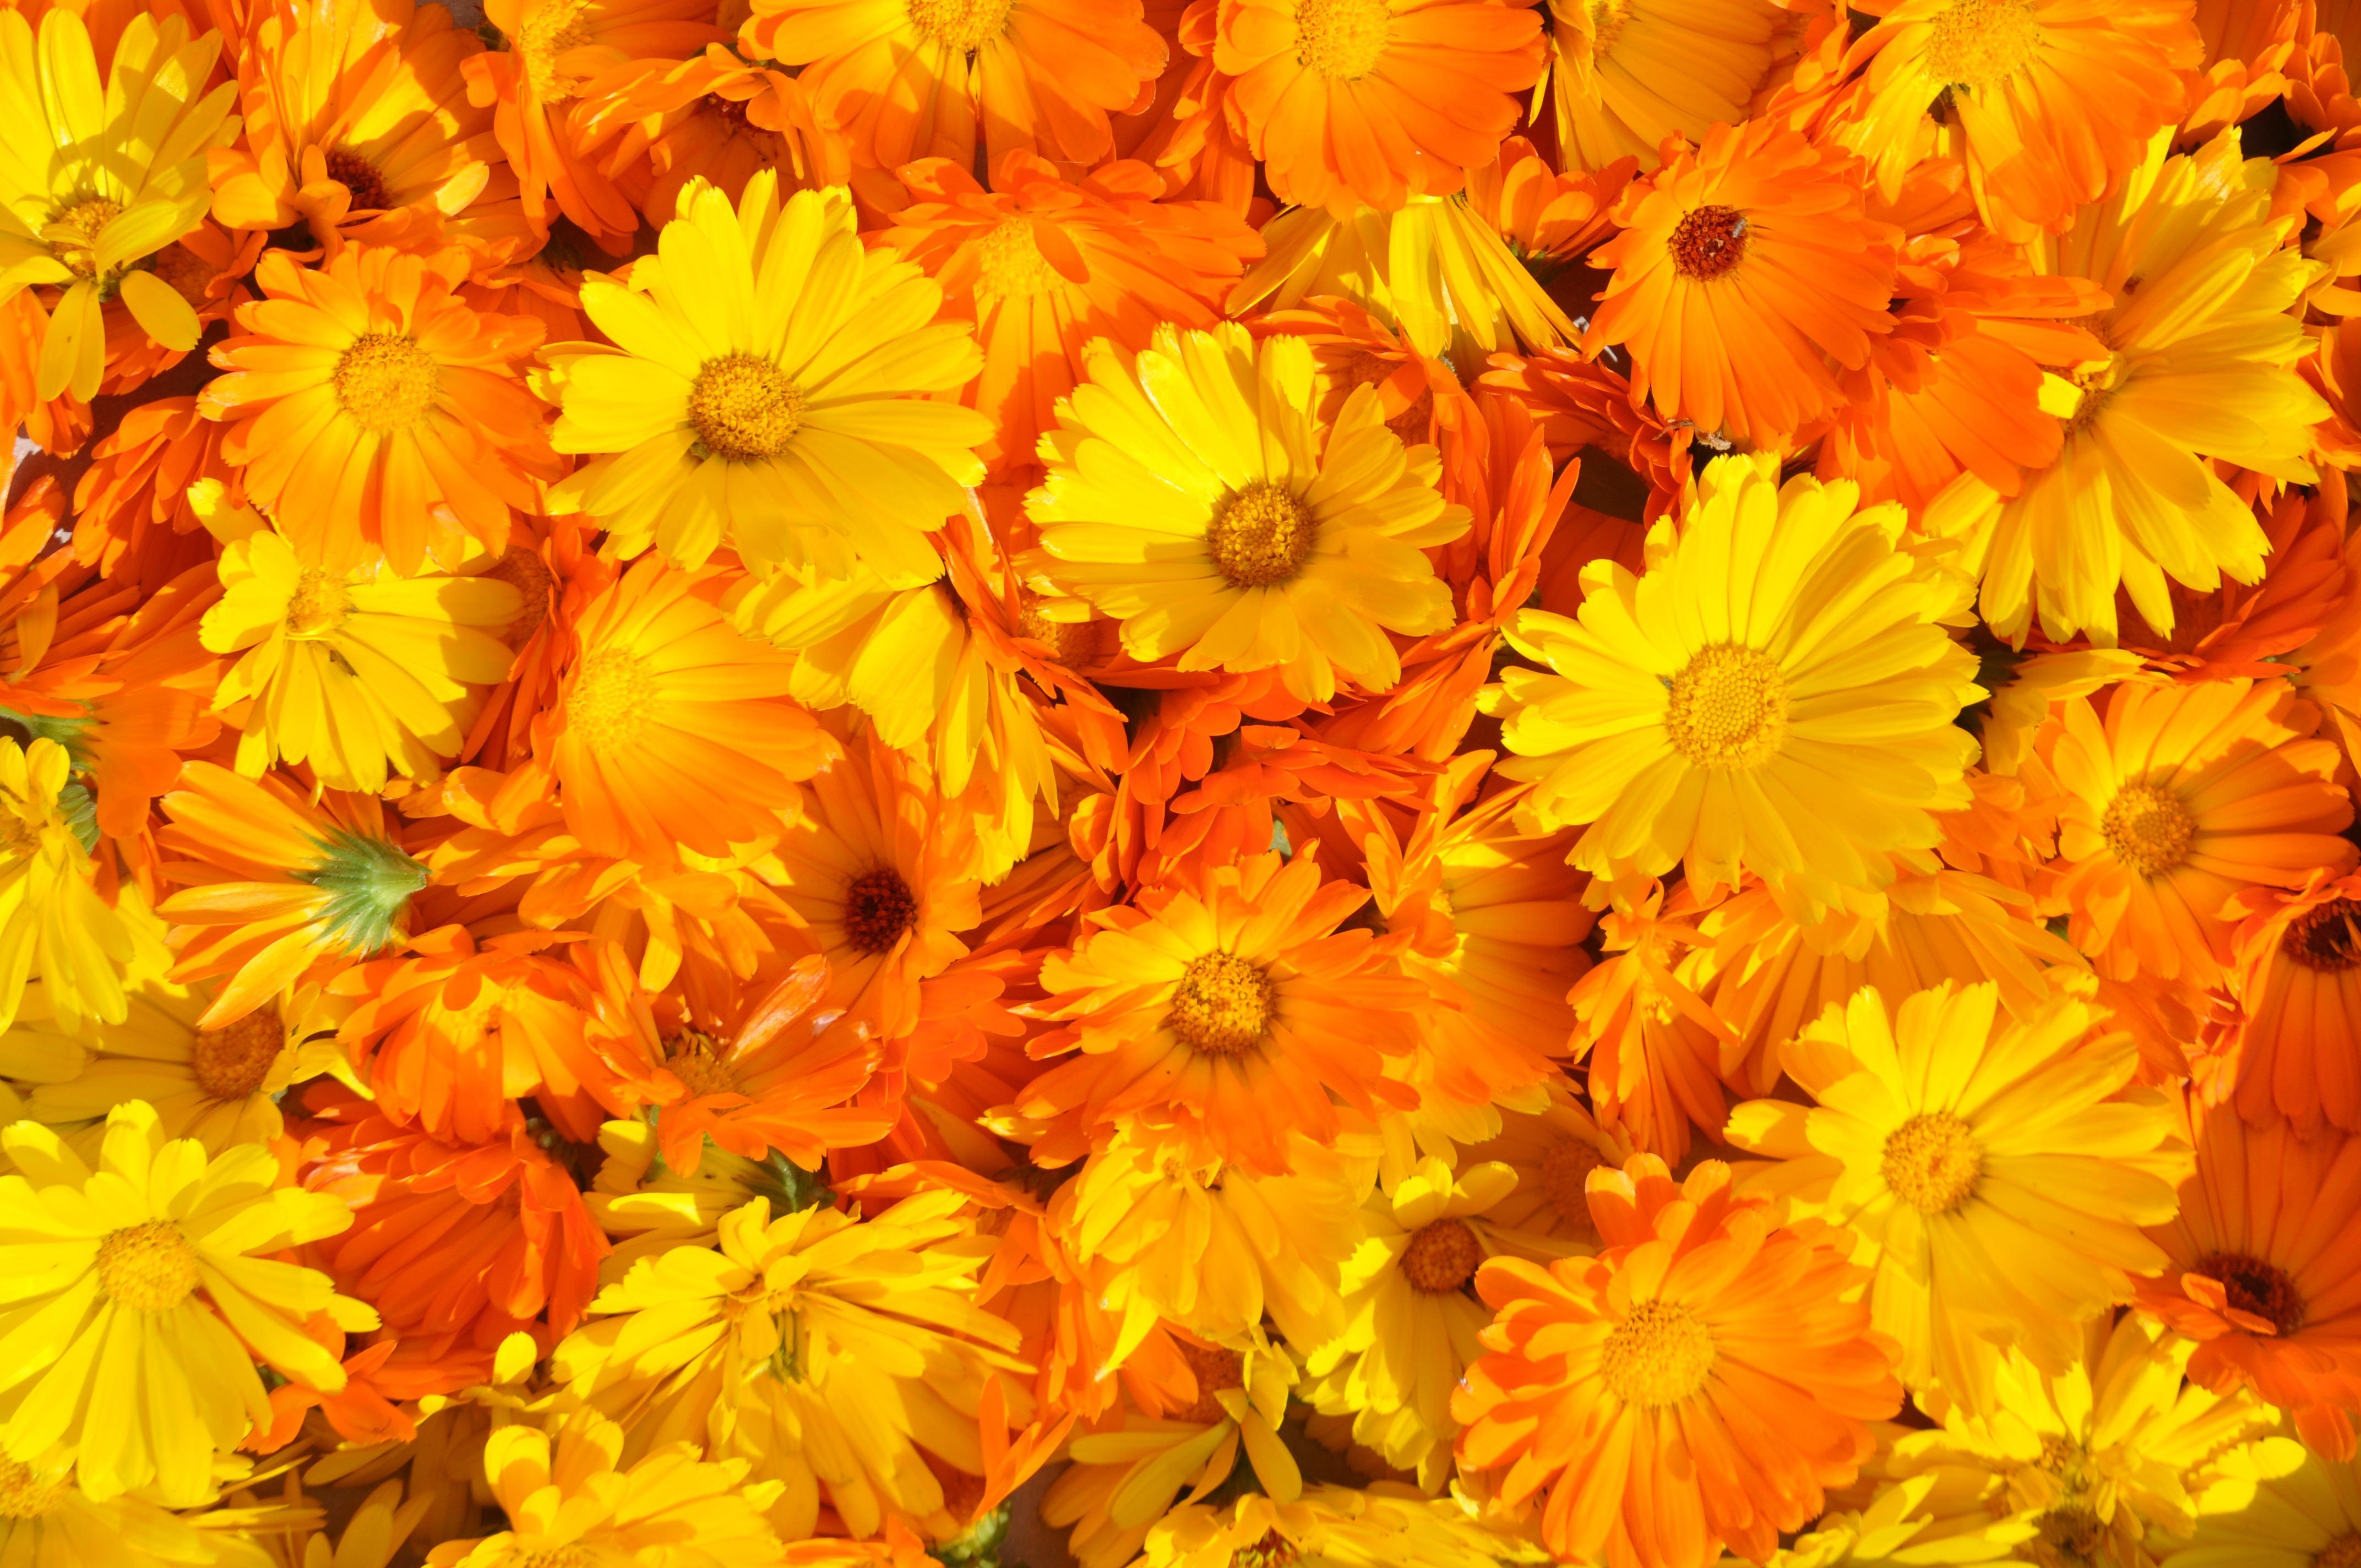 партнеру составило картинки оранжевый фон цветы будь болей